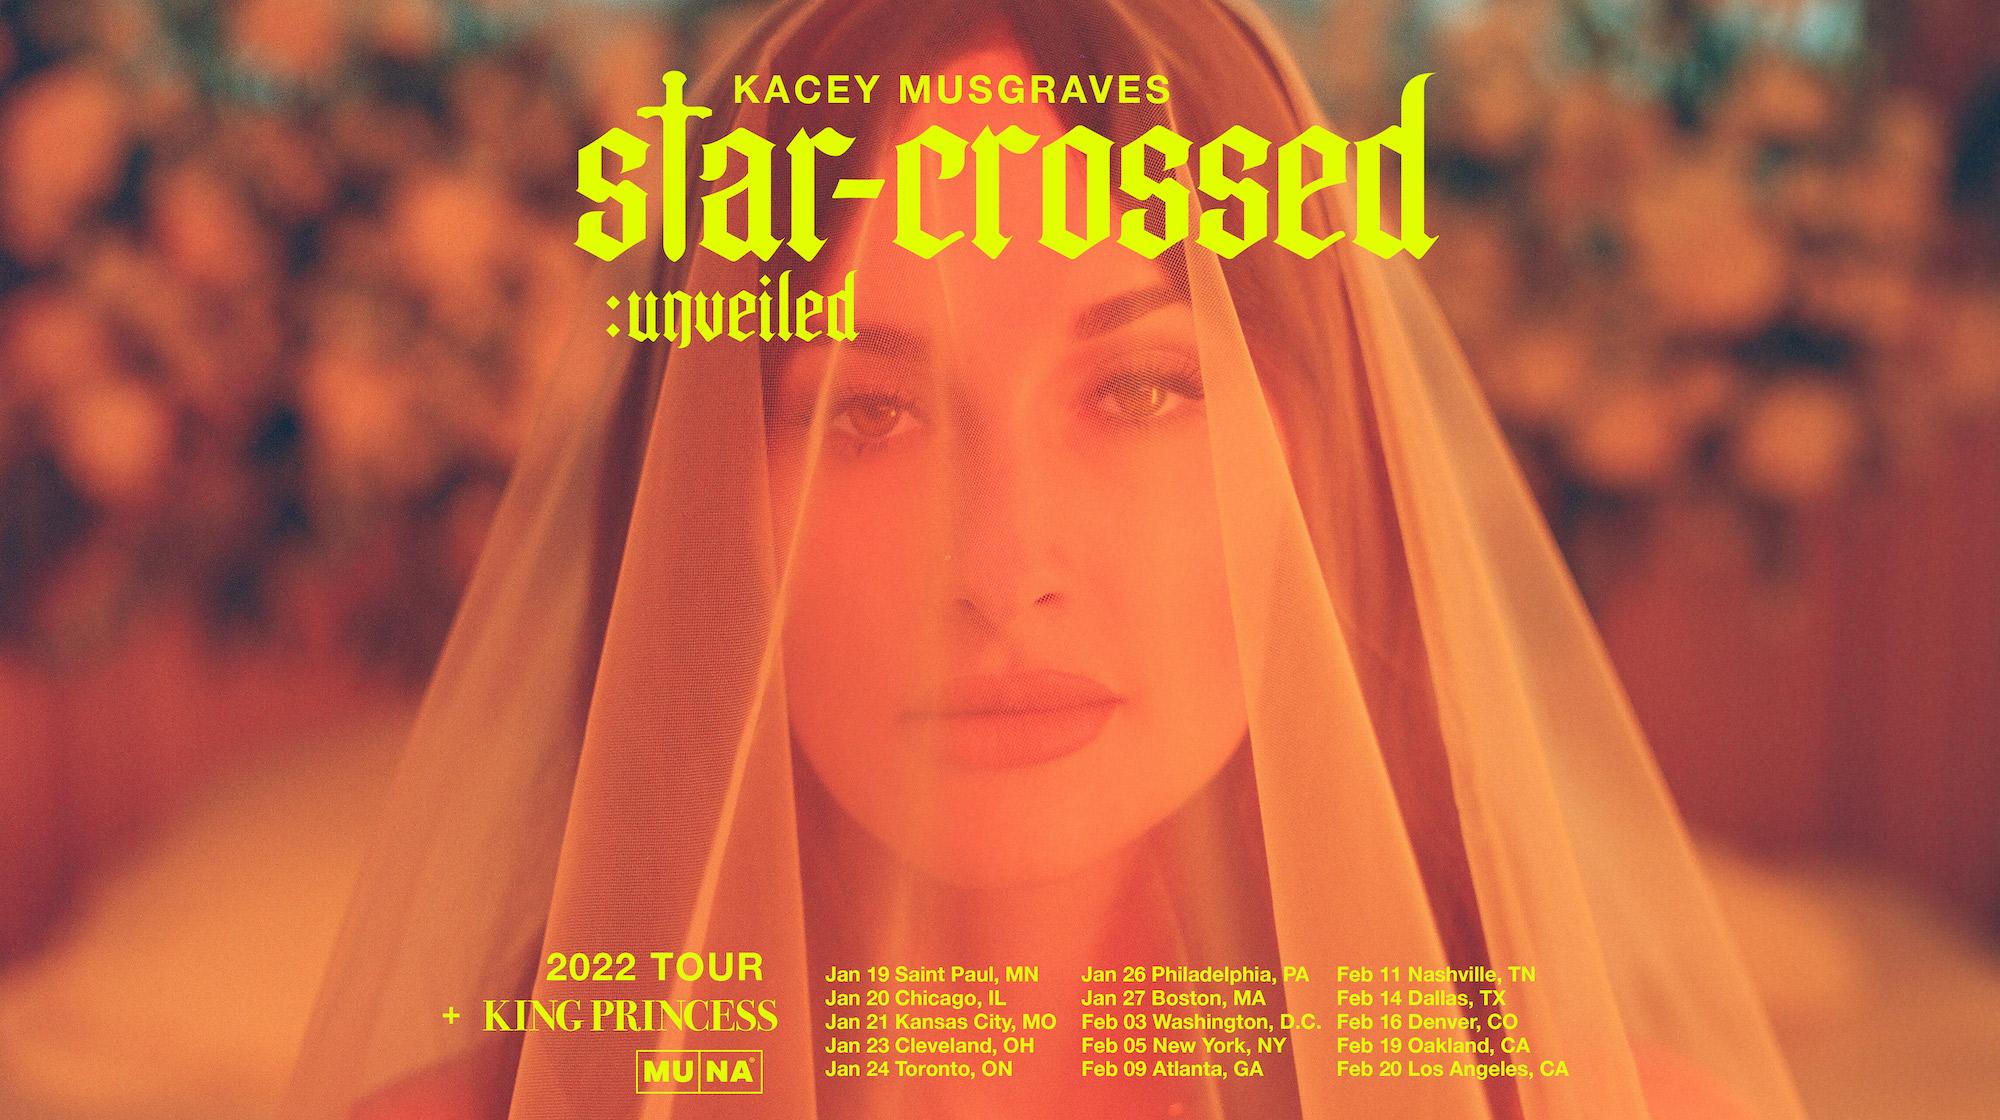 www.starcrossedunveiled.com